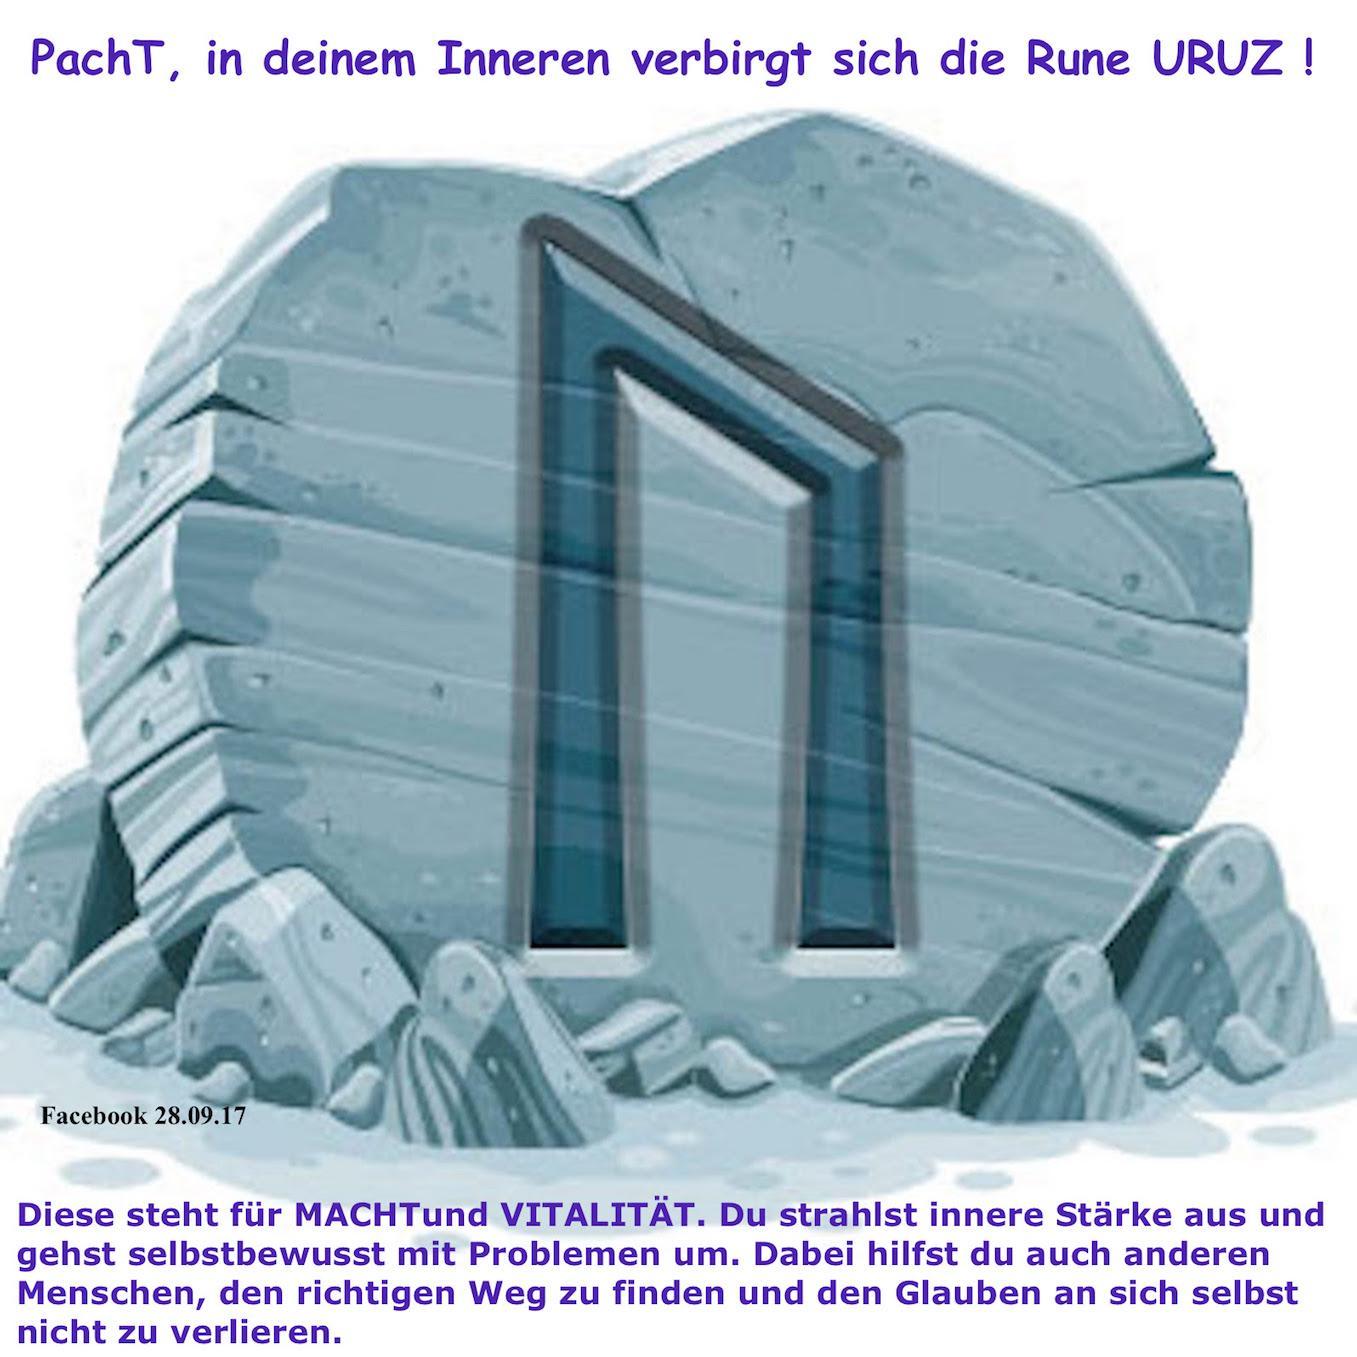 PachT Facebook über mich 2017.09.28 Rune Uruz